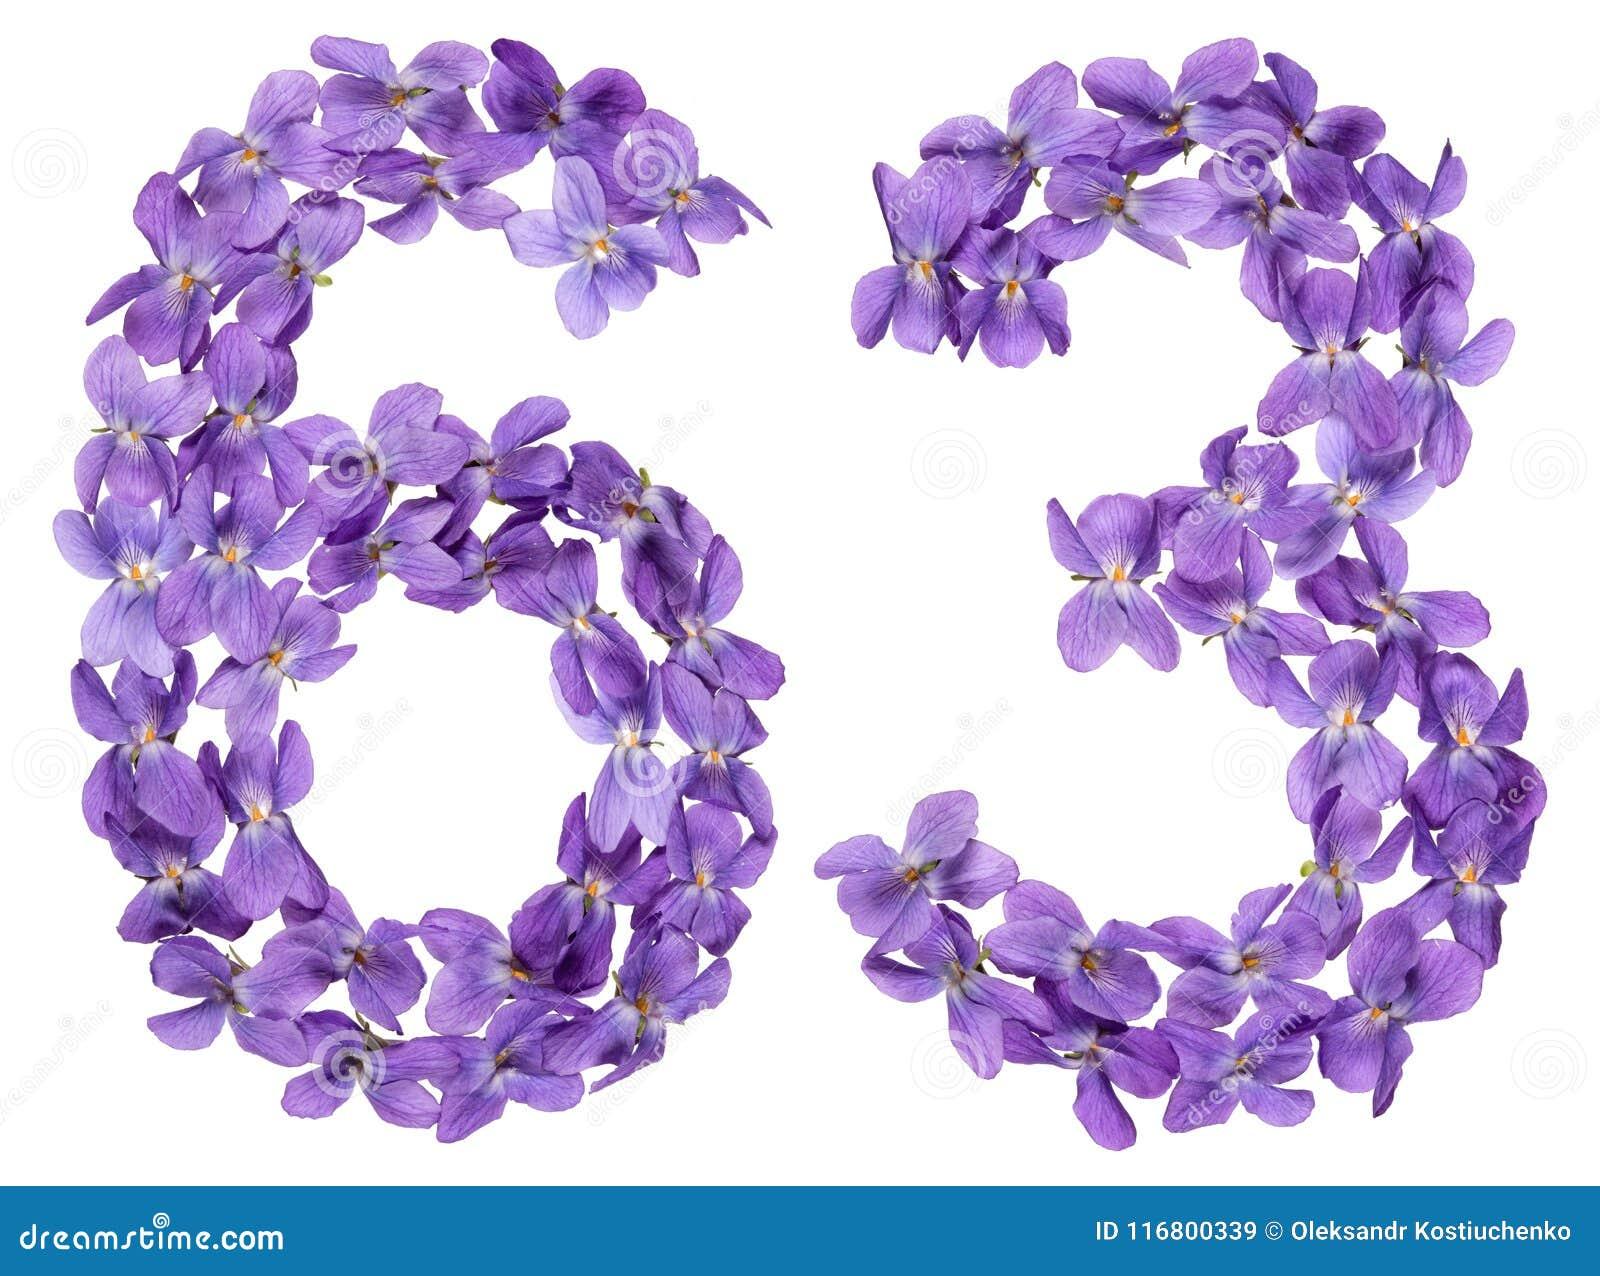 Numero arabo 63, sessantatre, dai fiori della viola, isolati